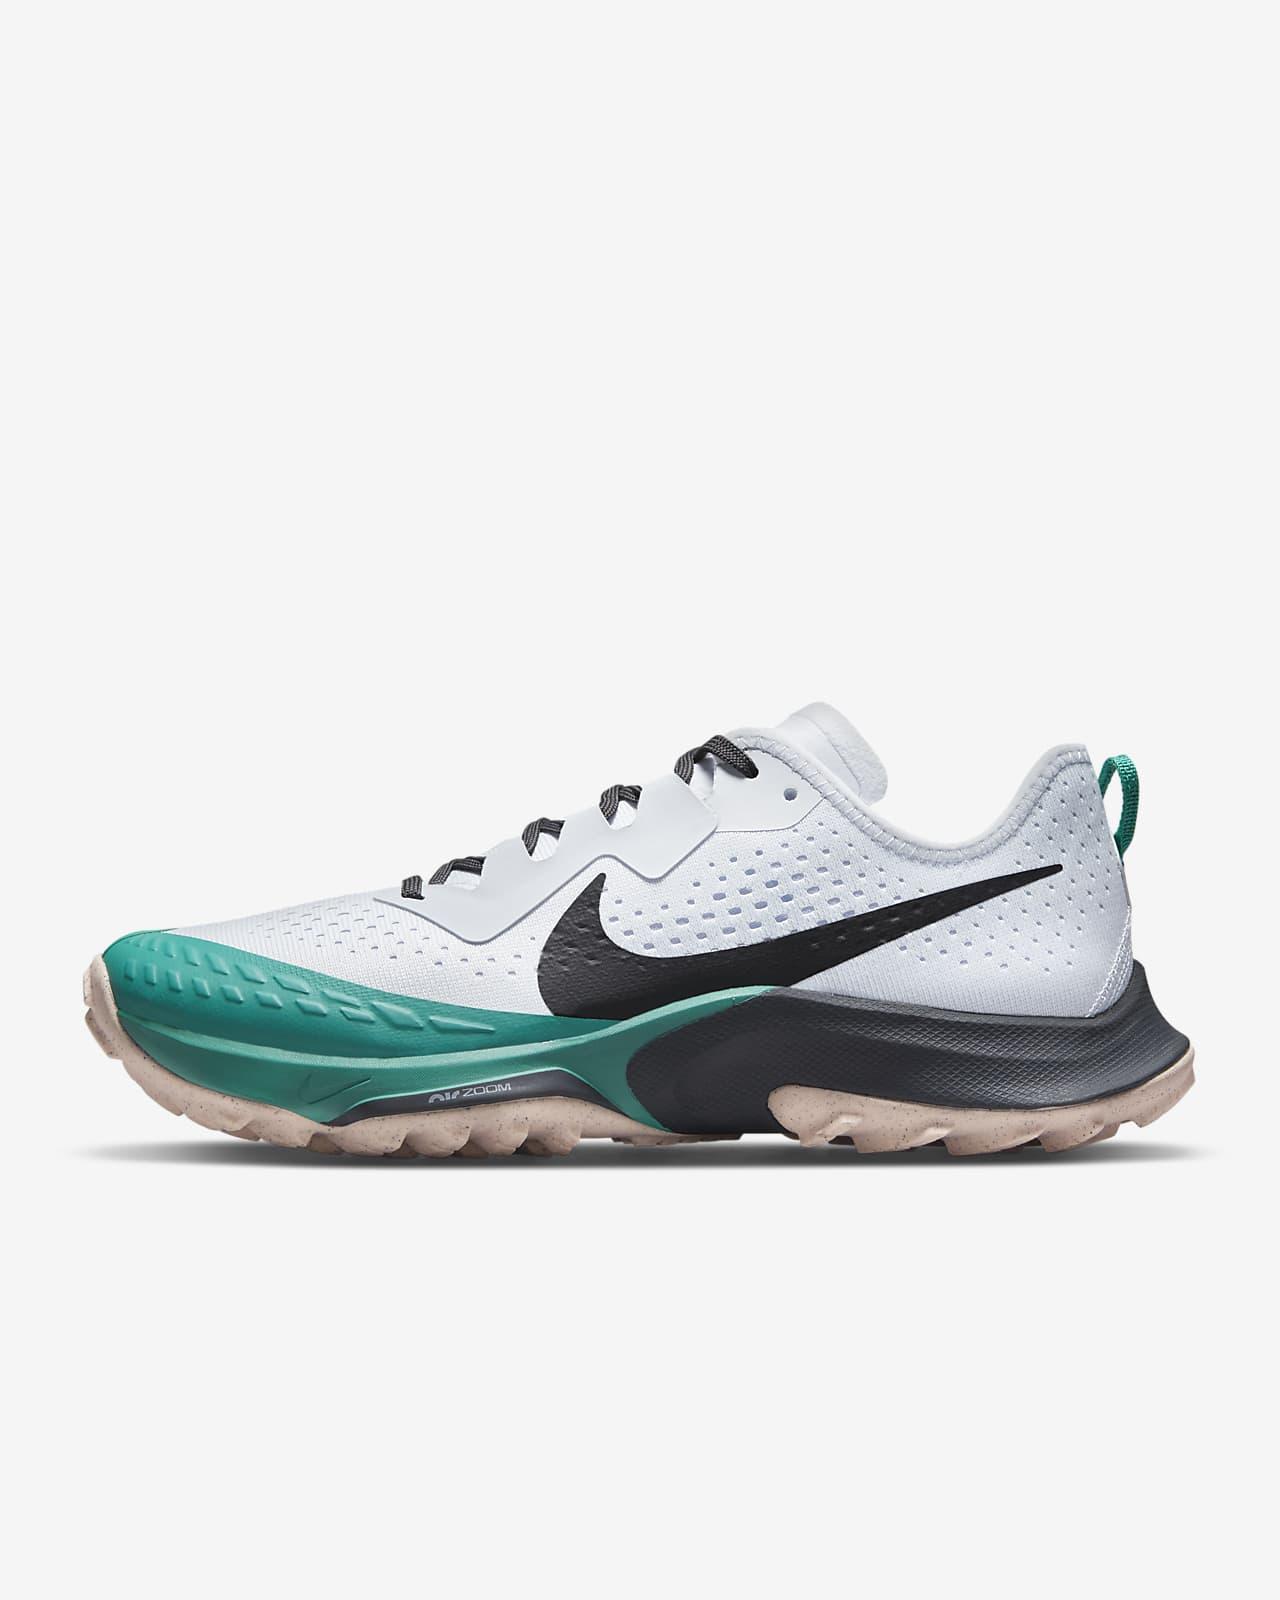 Nike Air Zoom Terra Kiger 7-trailløbesko til kvinder